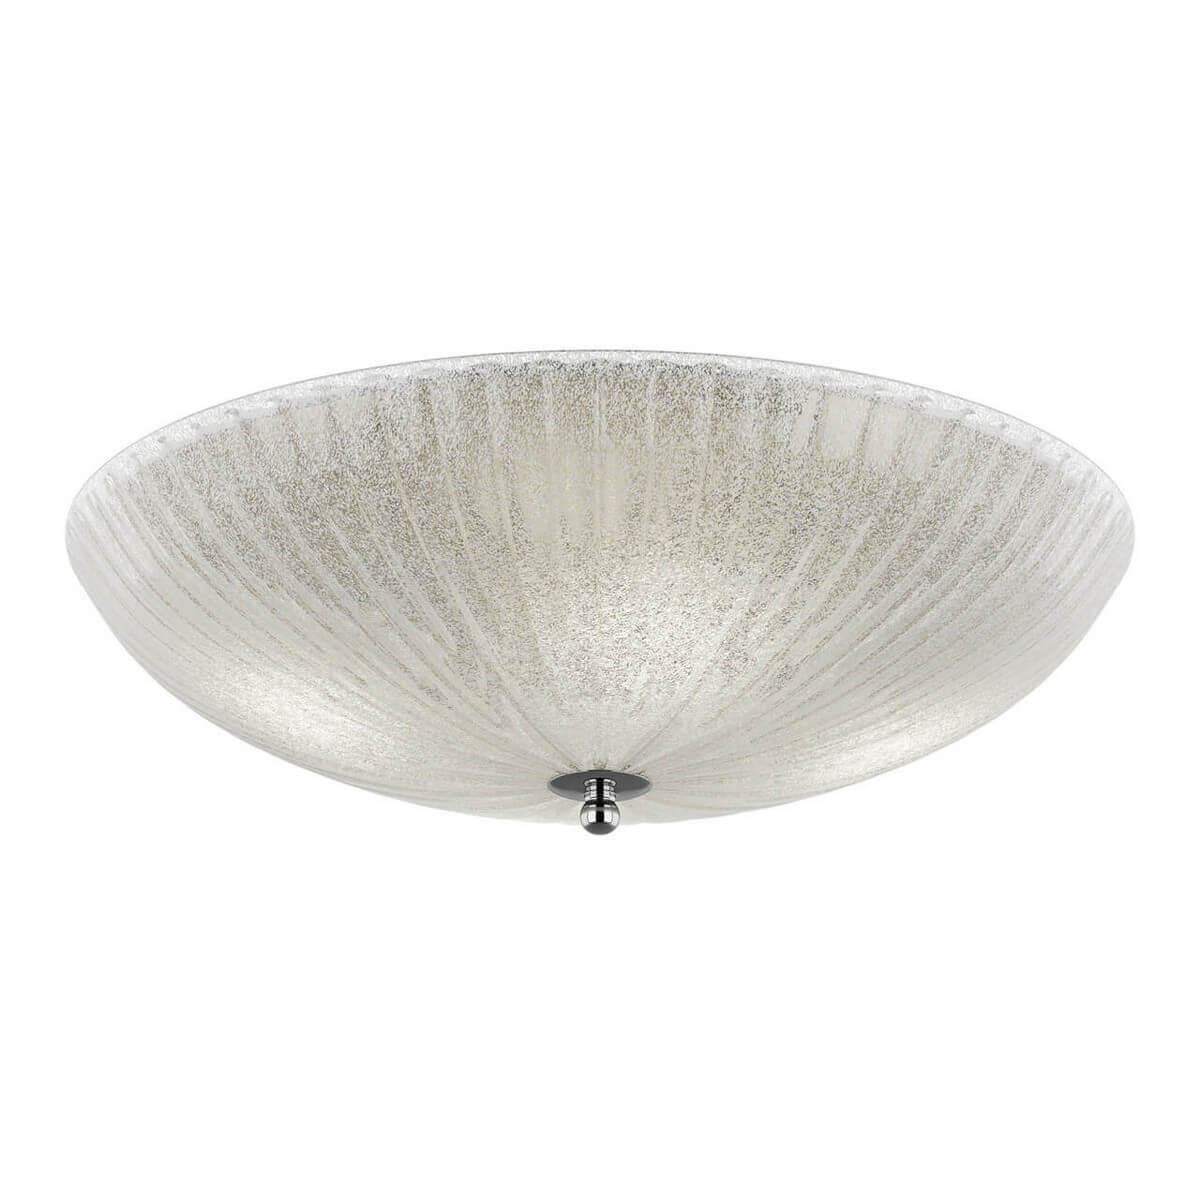 Потолочный светильник Lightstar 820840, E27, 60 Вт